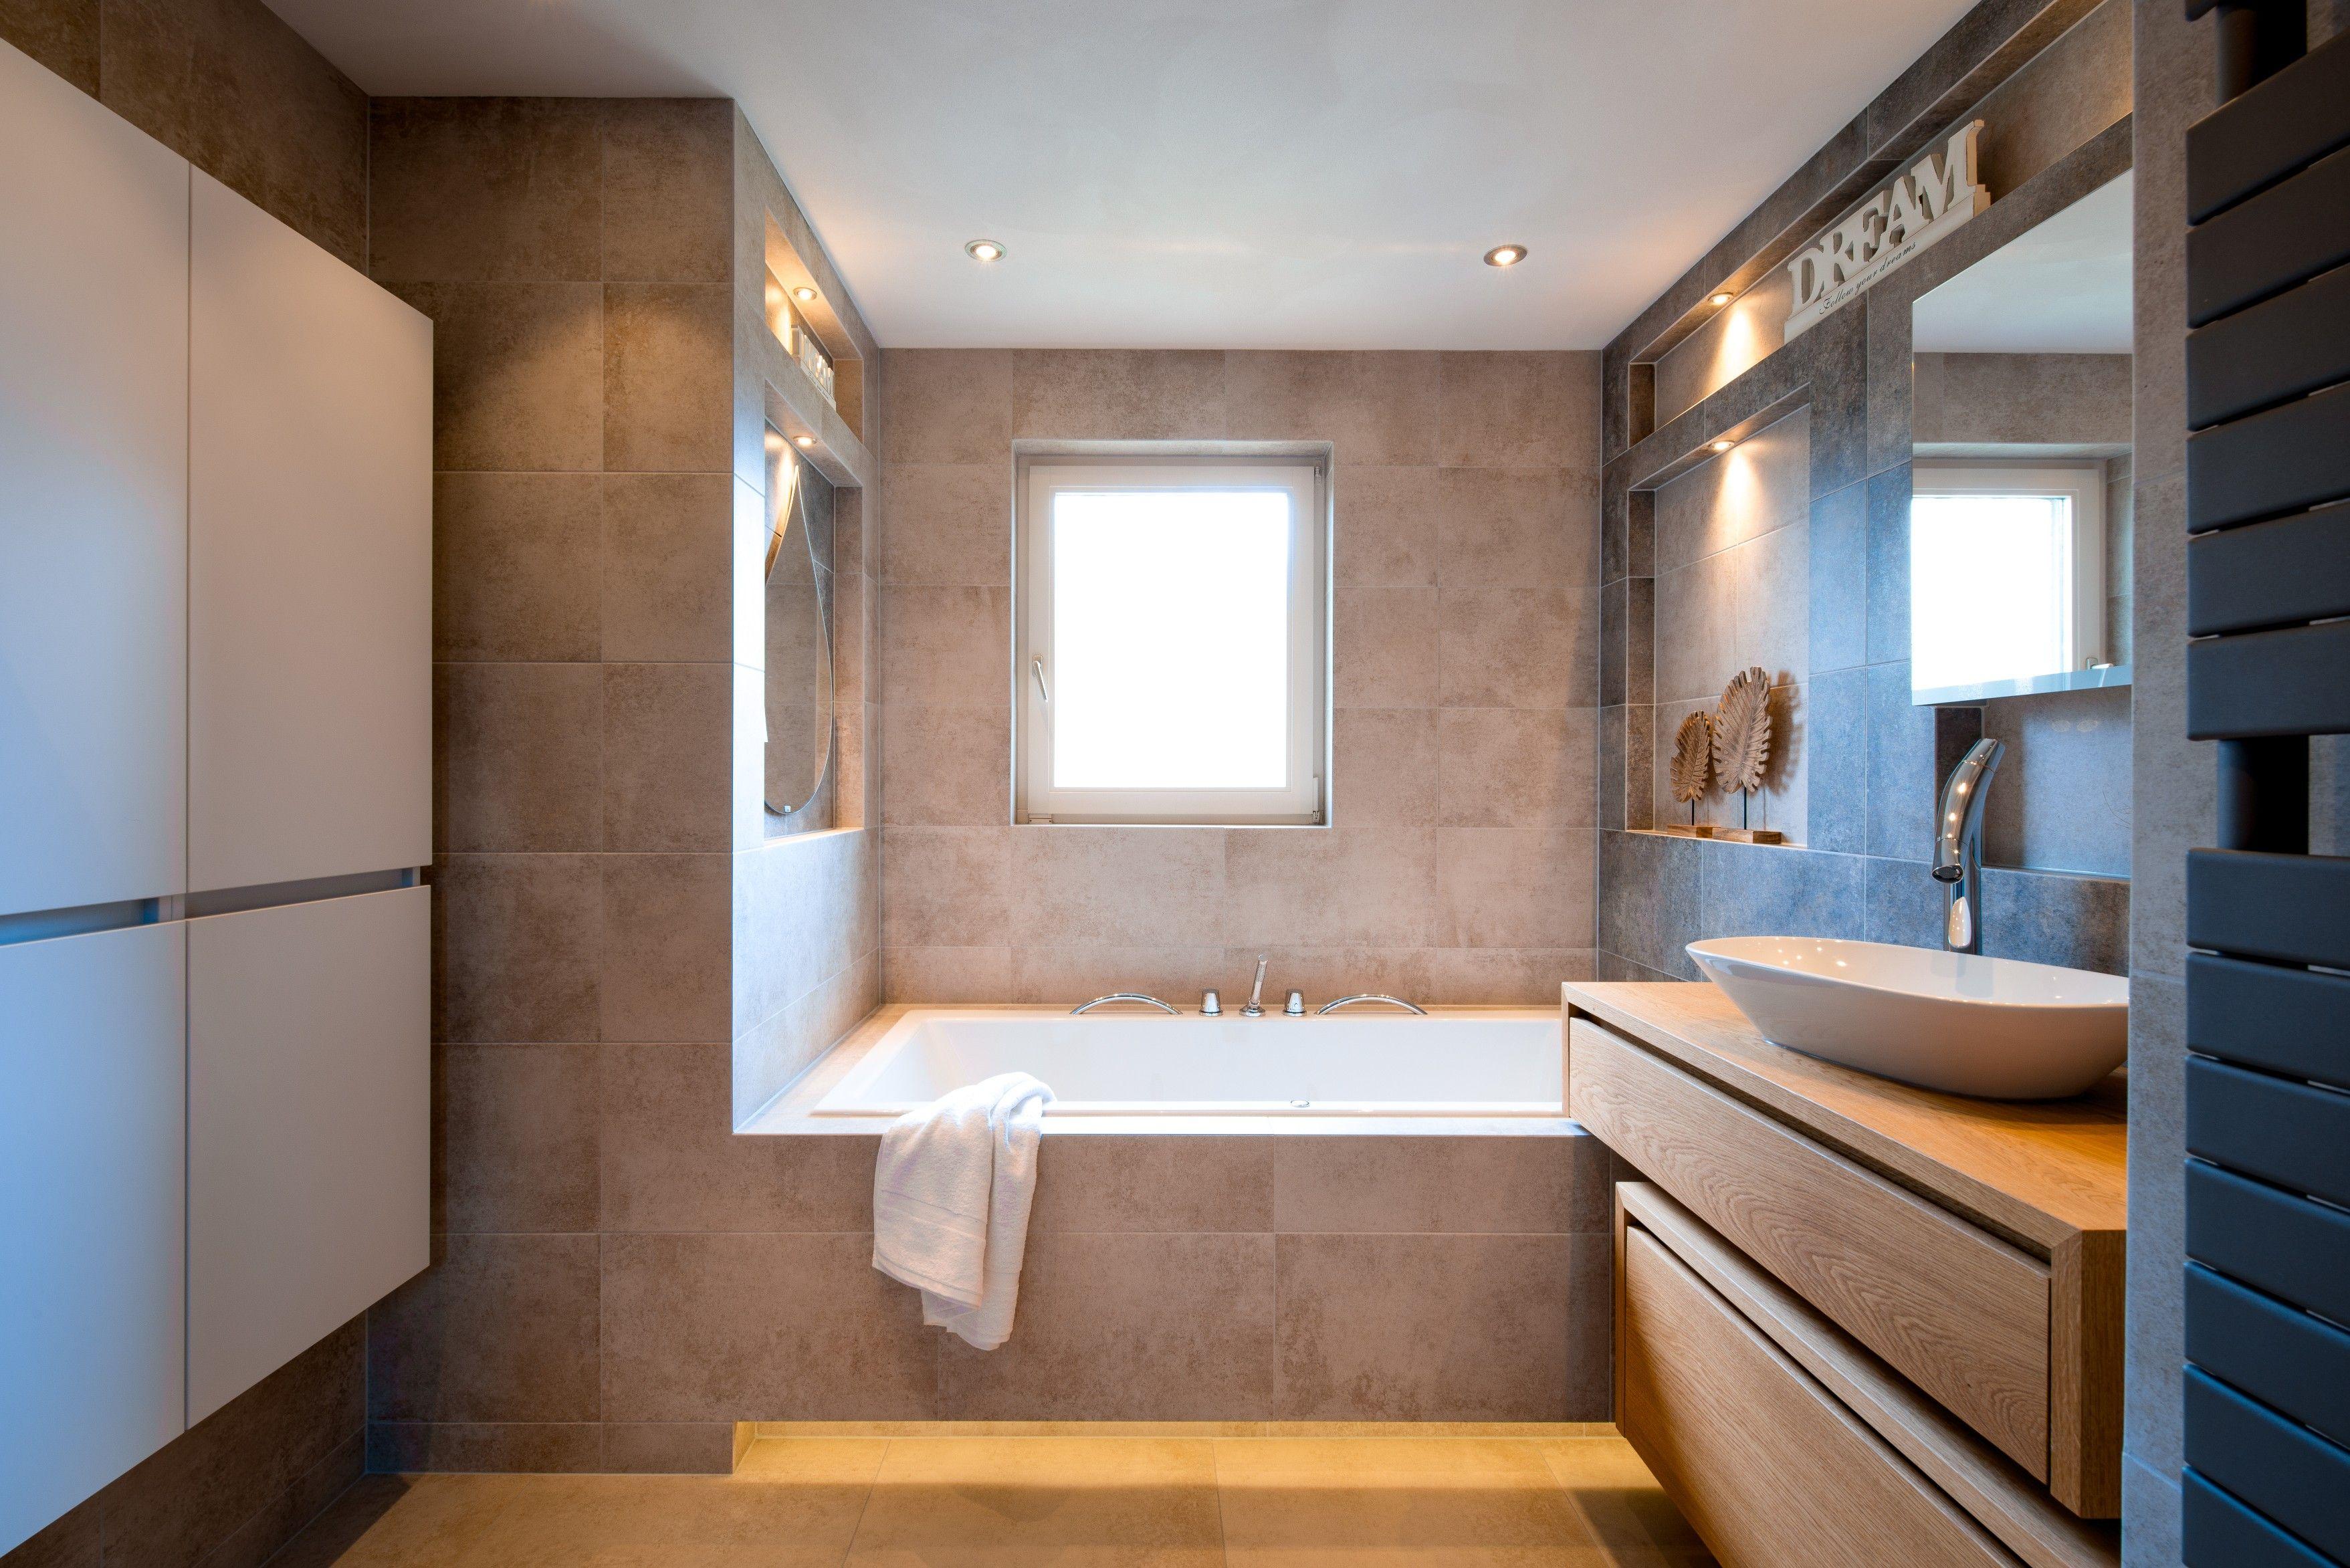 Alles Voor Badkamer : Deze warme design badkamer bevat alles om iedere werkdag heerlijk